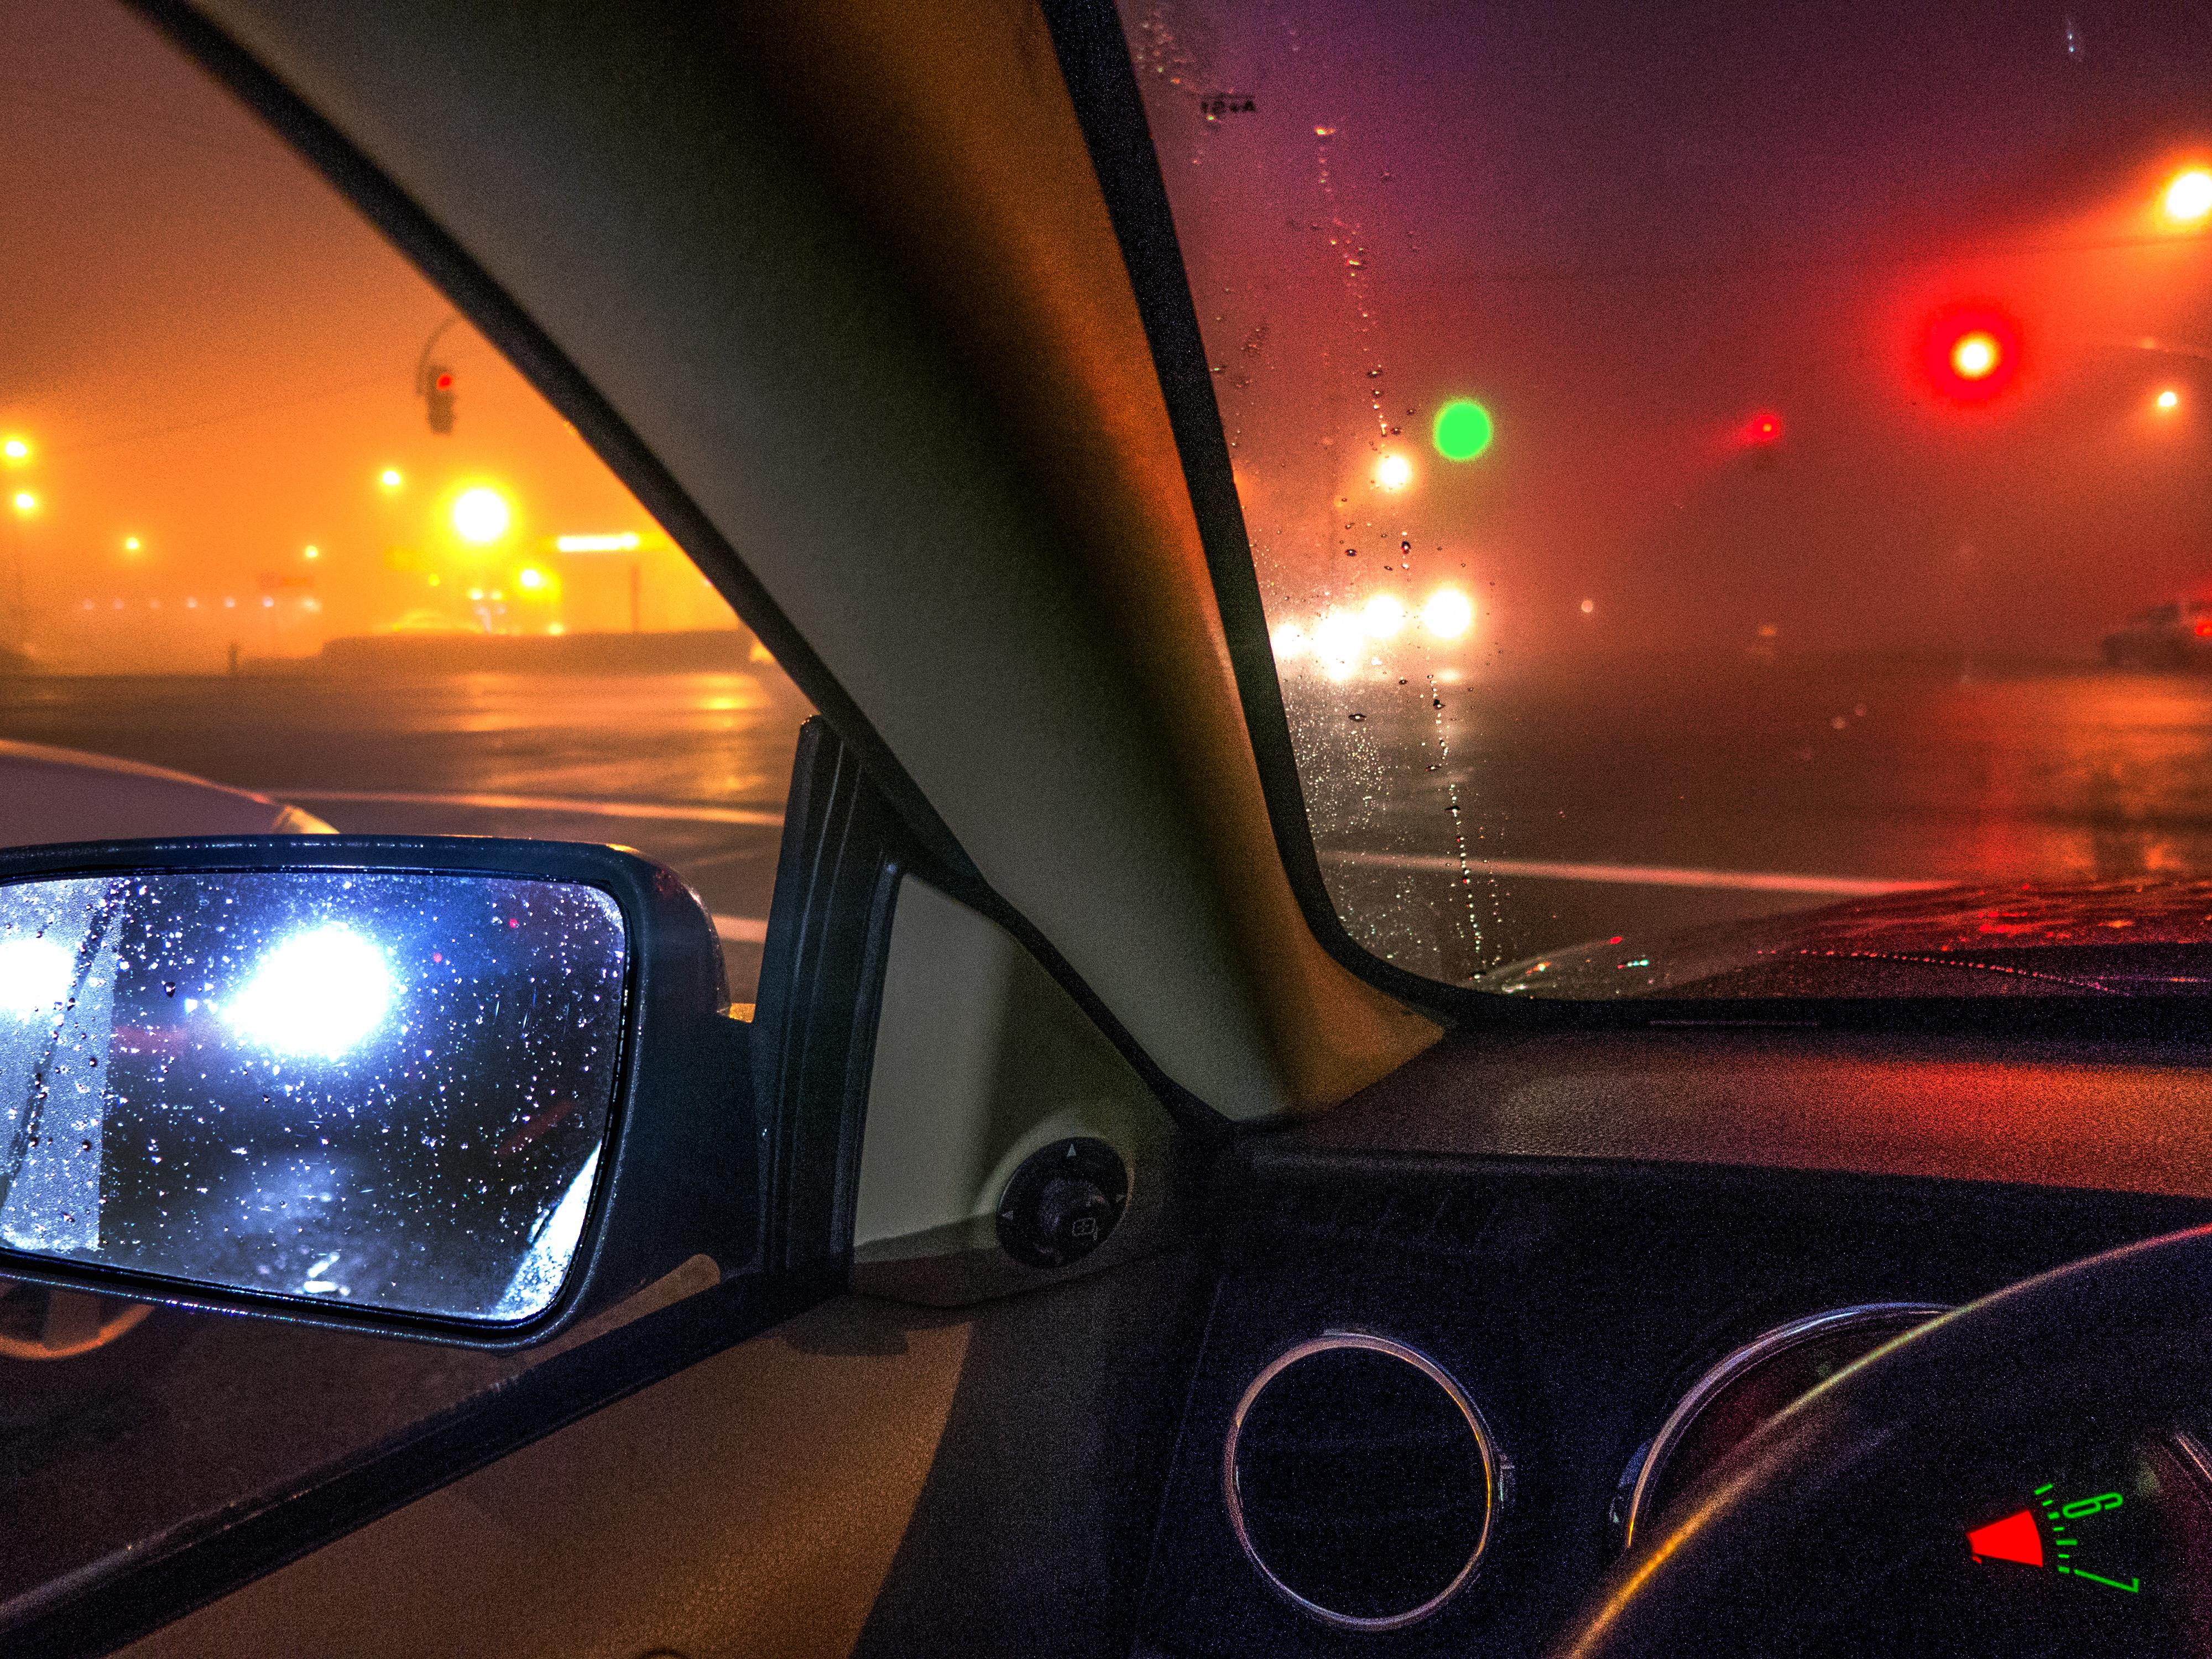 Ночной город омск фото высокого разрешения его посещают